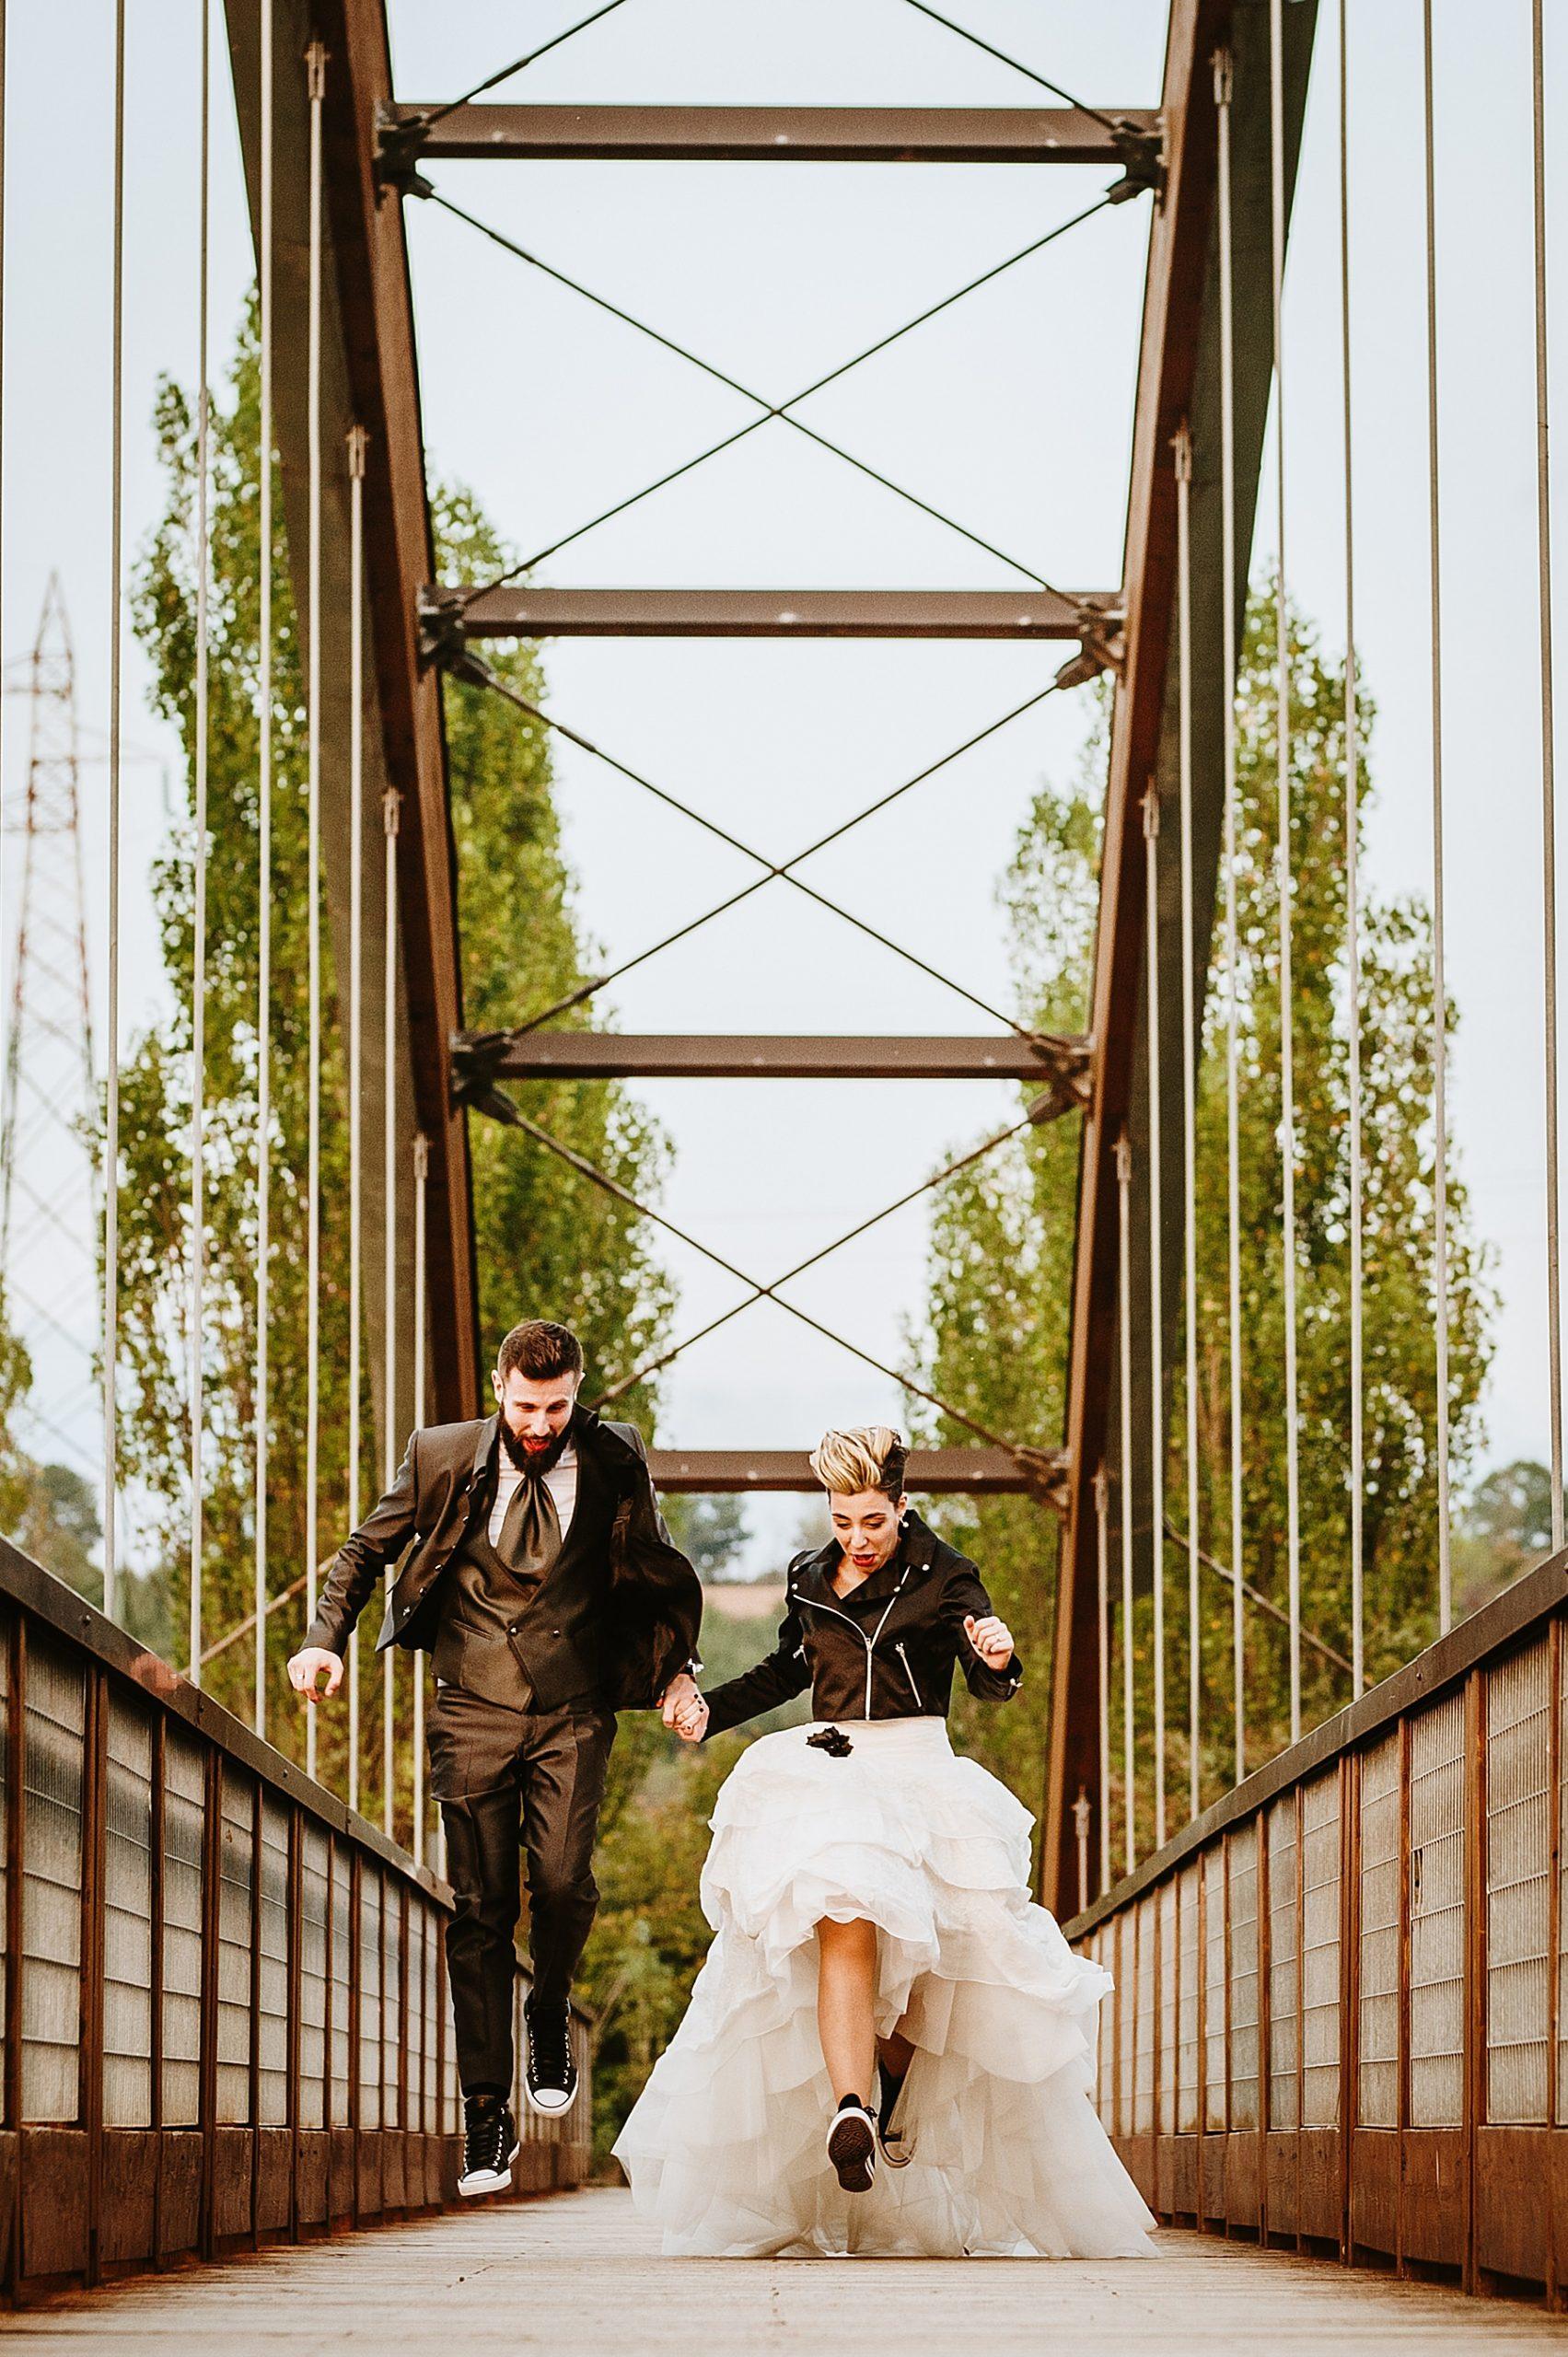 Bellissimi sposi che corrono e saltano